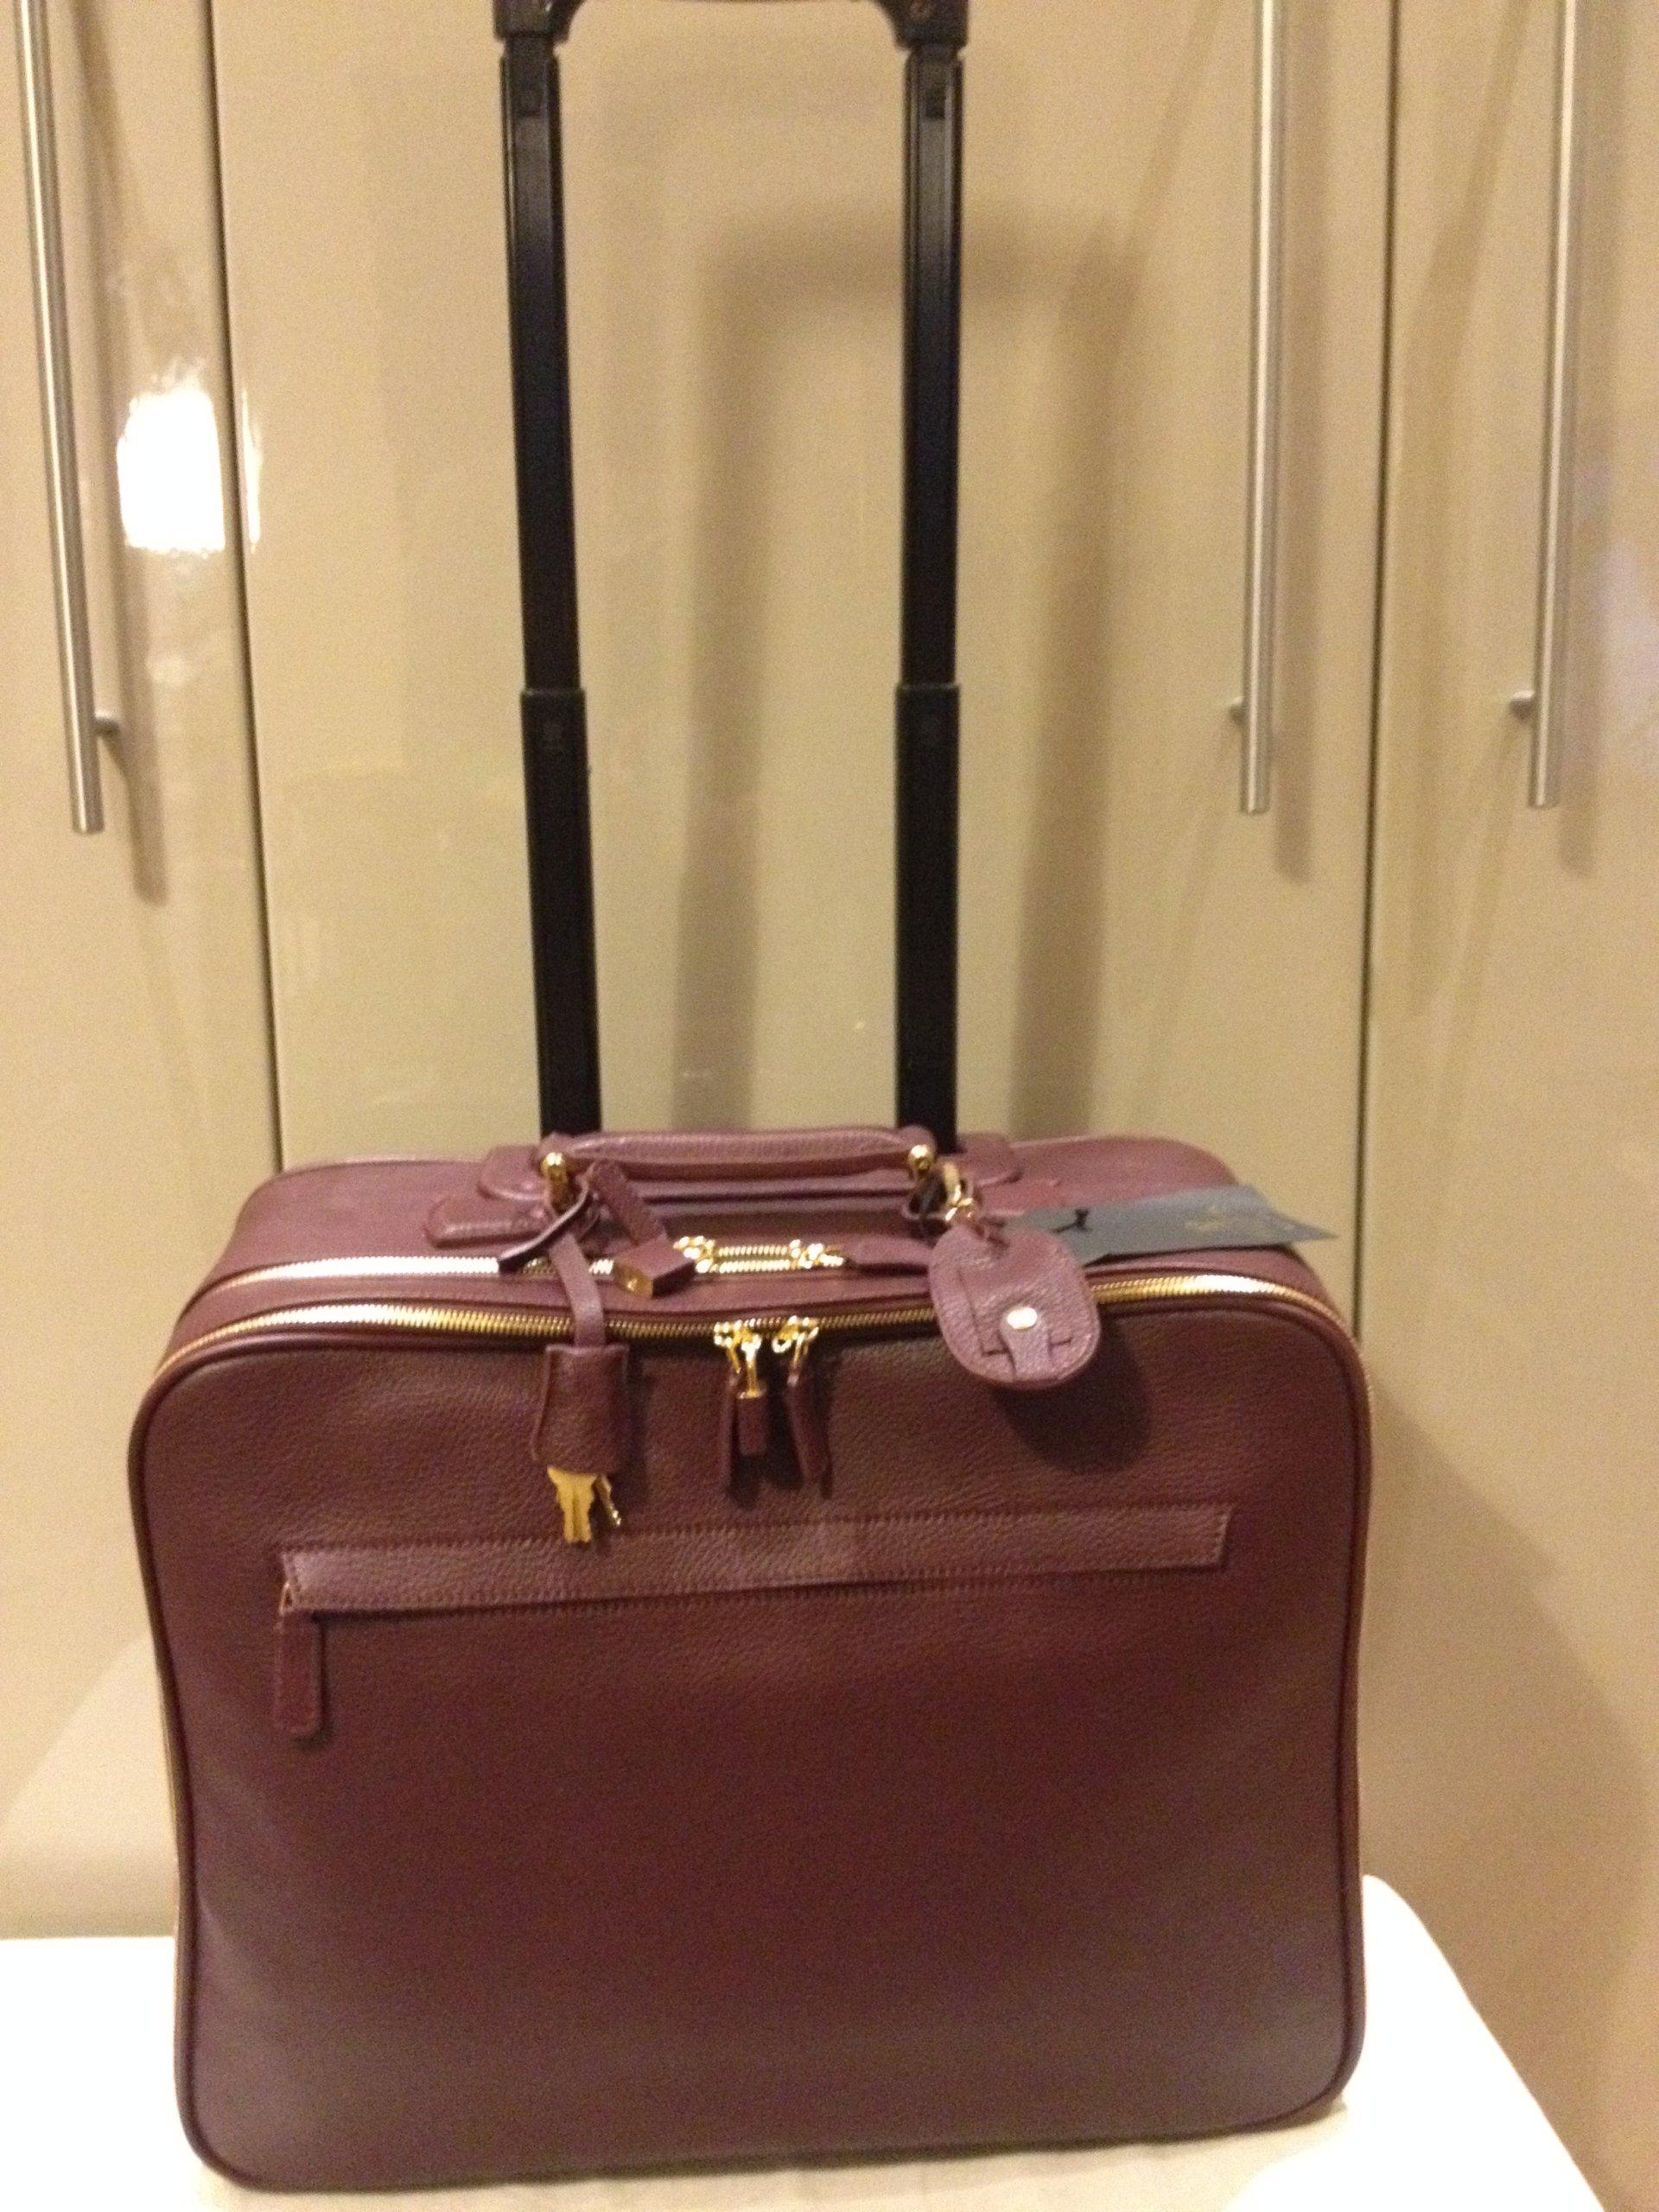 b1aad5a730756 Skórzana WALIZKA torba podróżna na kółkach - 7199742371 - oficjalne ...